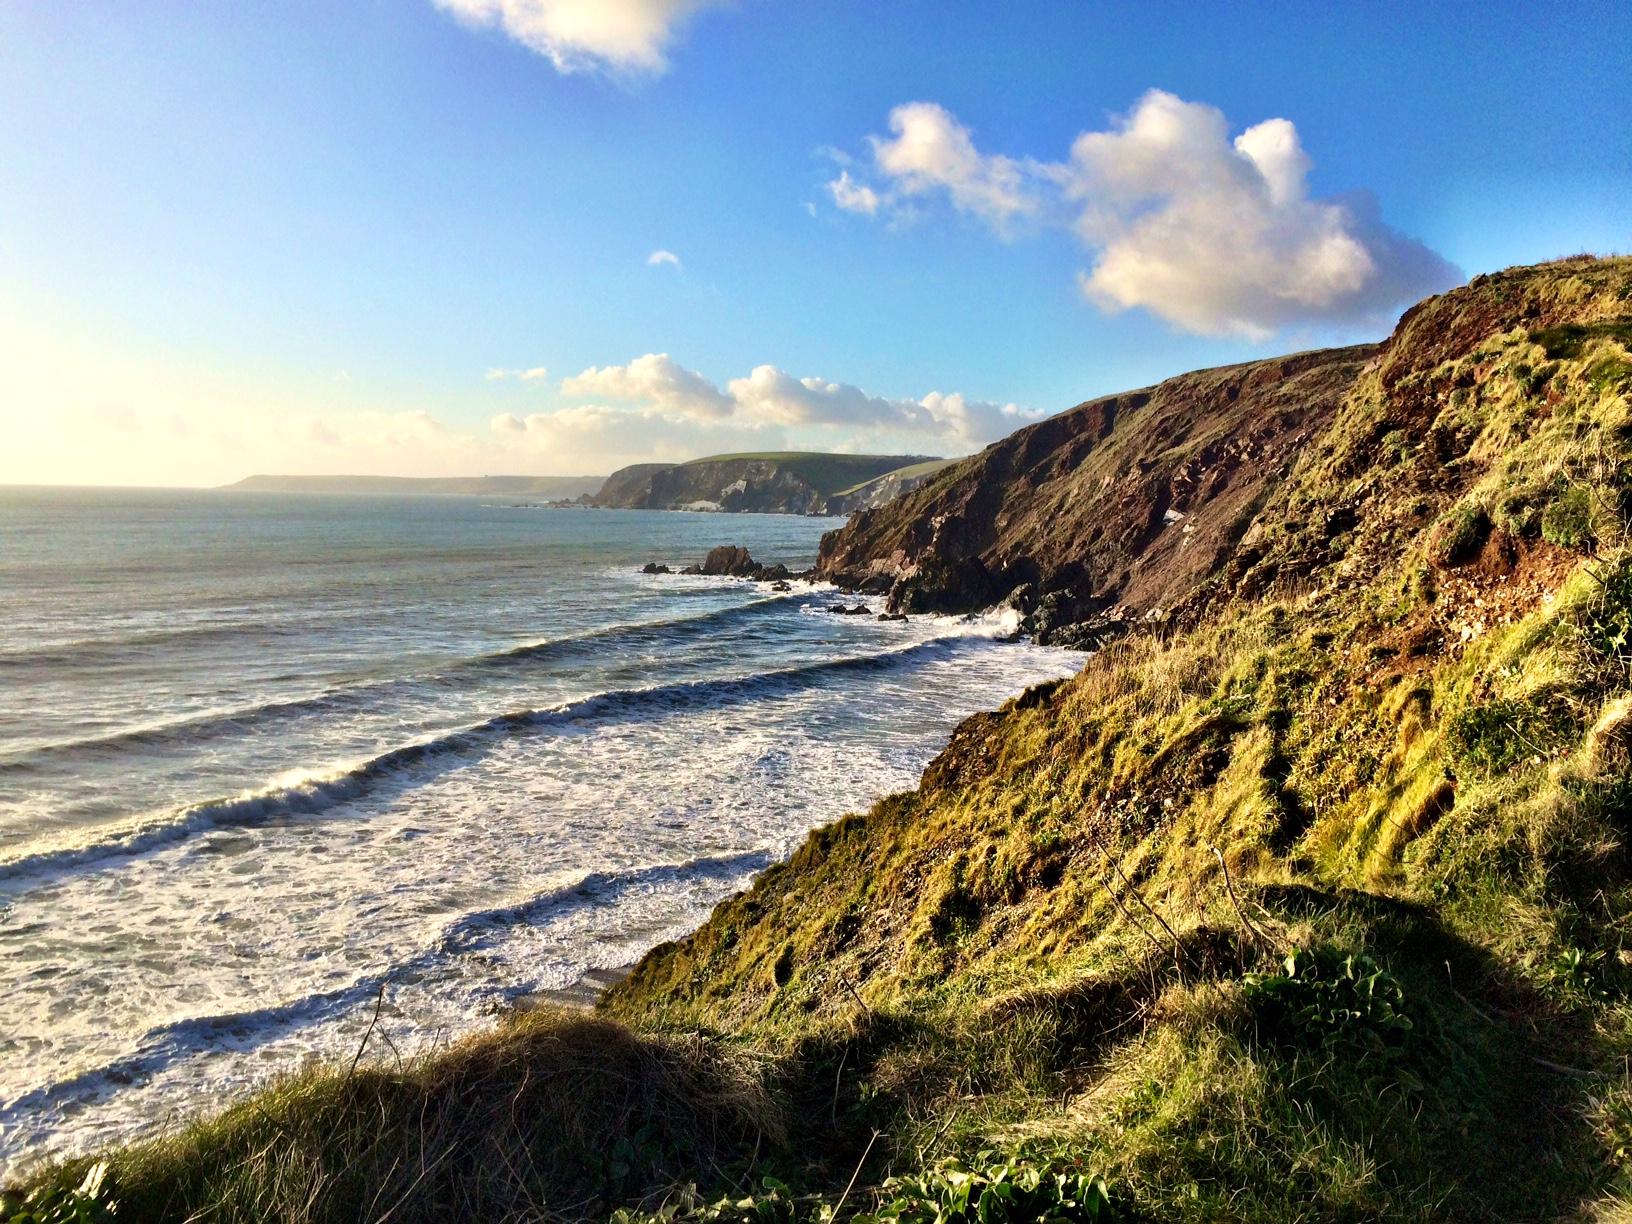 Views over The Devon Coastline and Dartmoor